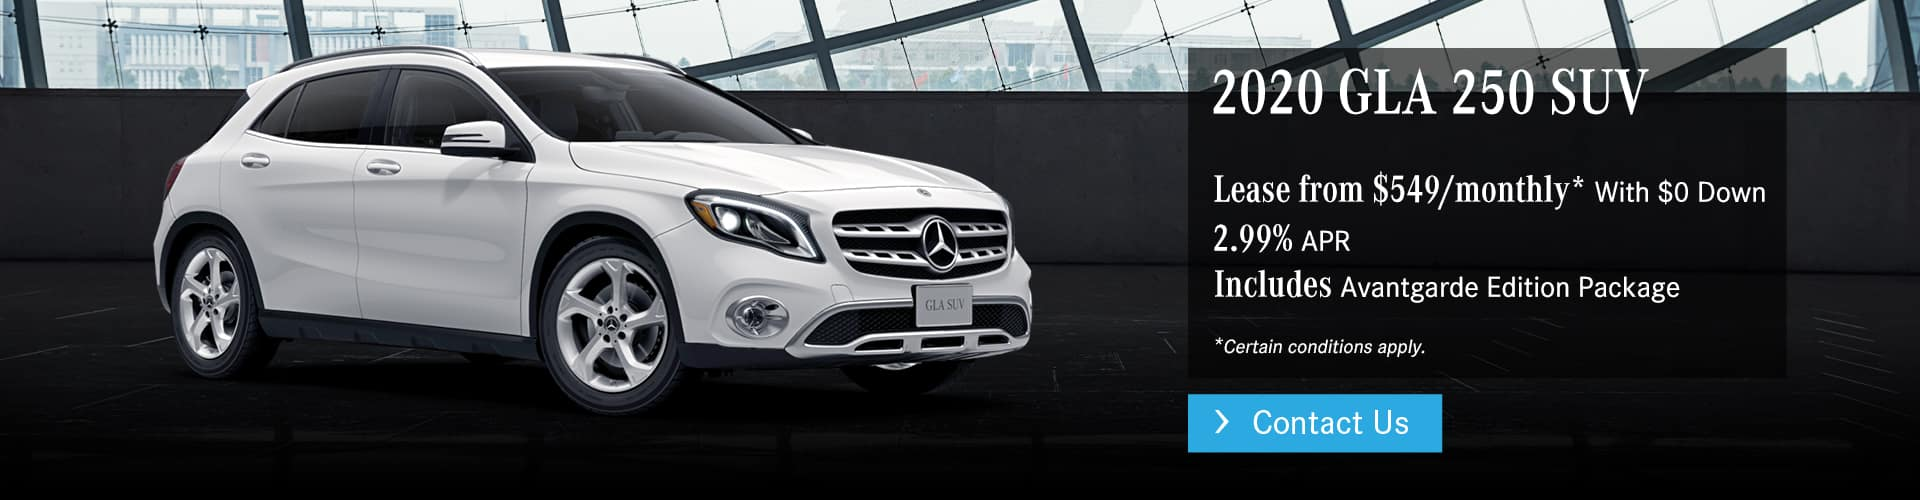 2020 GLA 250 SUV Offer at Mercedes-Benz Burlington